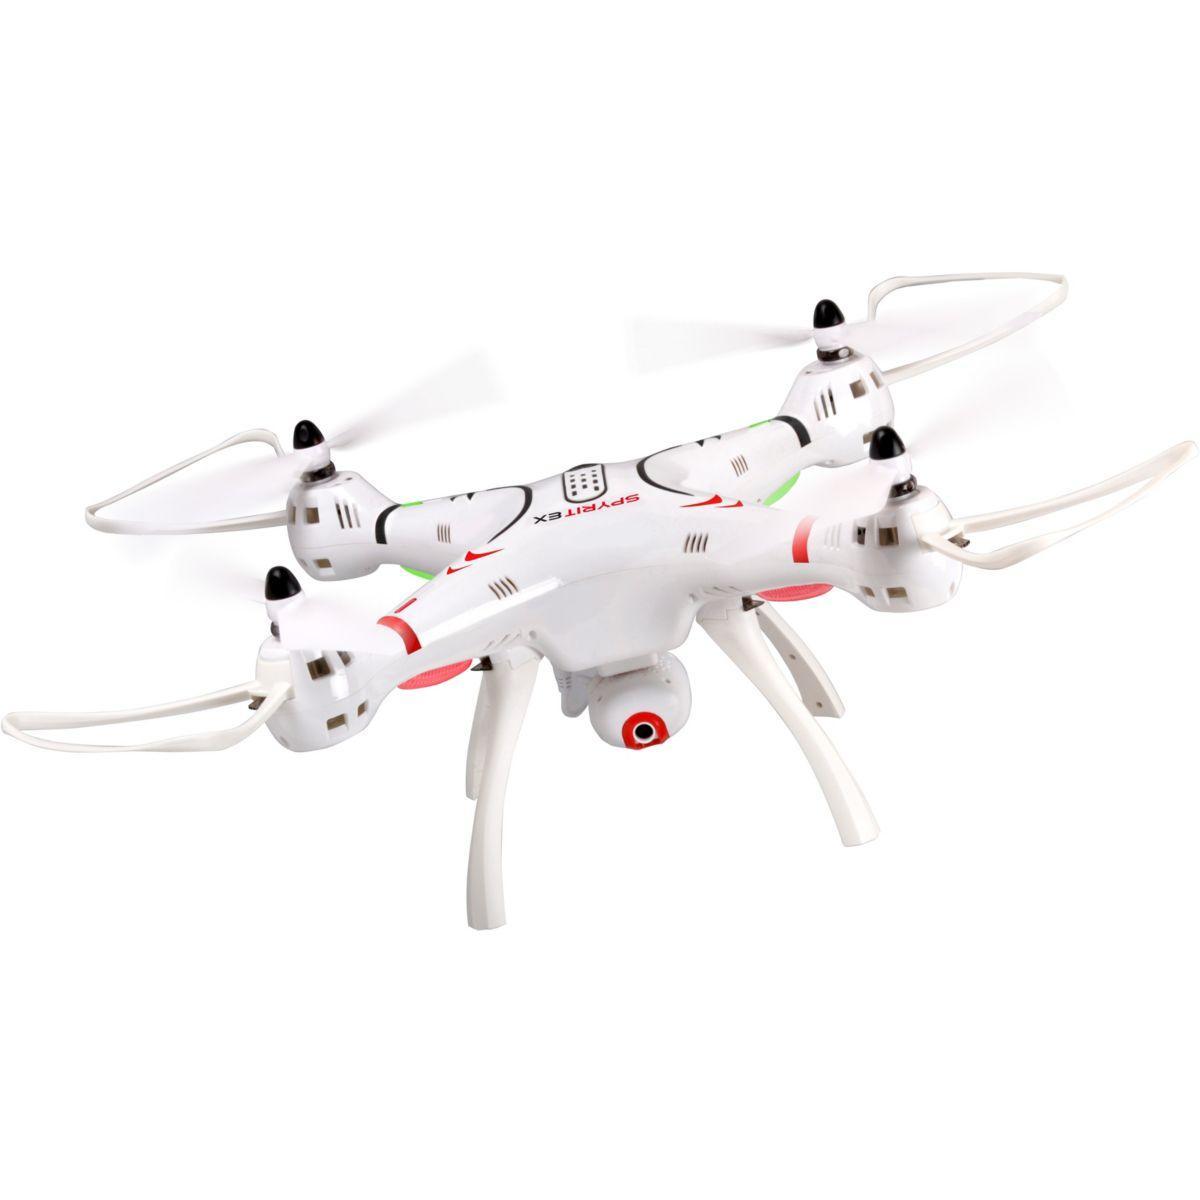 Drones t2m spyrit ex gps 3.0 (photo)